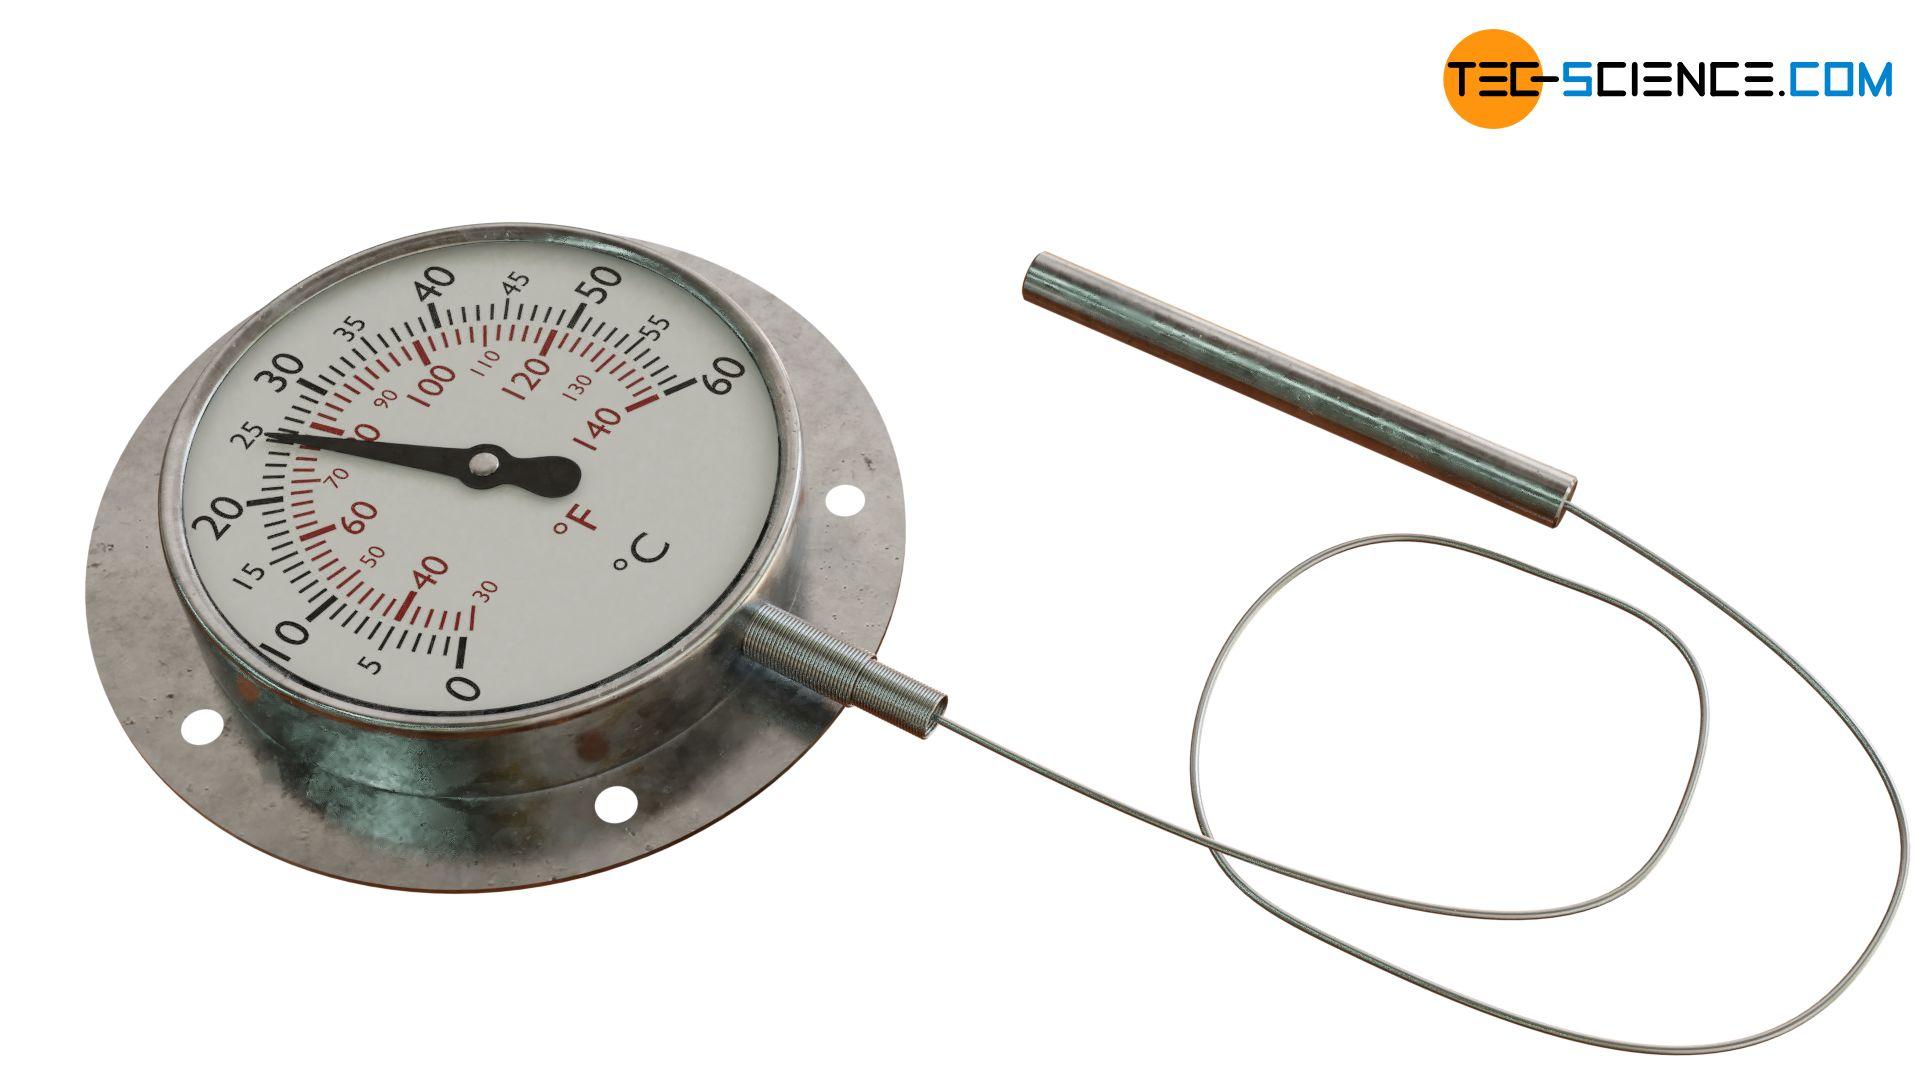 Flüssigkeitsdruck-Federthermometer mit flexibler Kapillarleitung